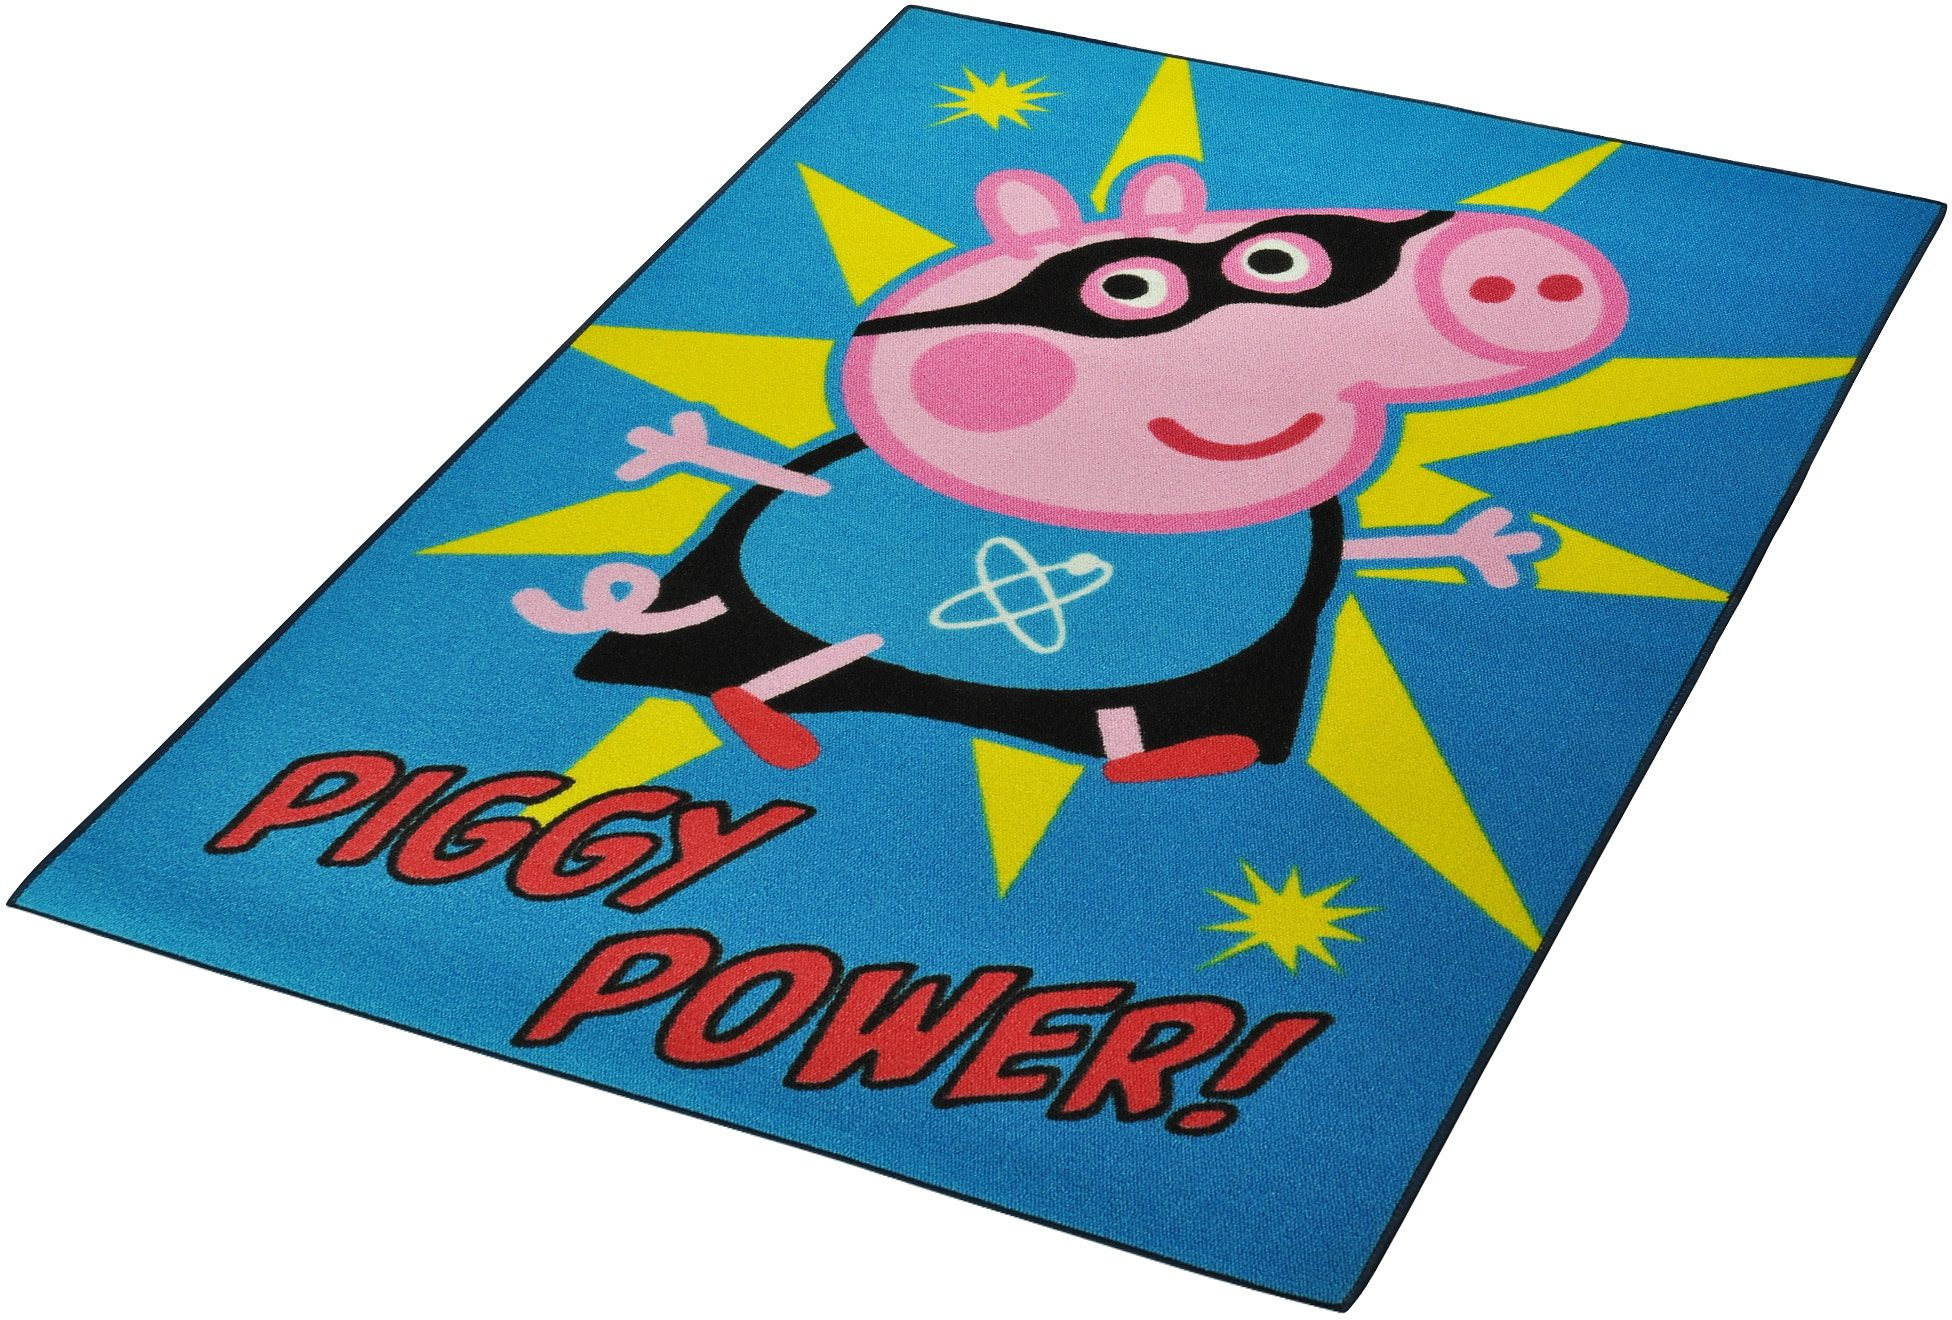 Kinderteppich »Lizenz Peppa Pig - Piggy Power«, HANSE Home, rechteckig, Höhe 7 mm